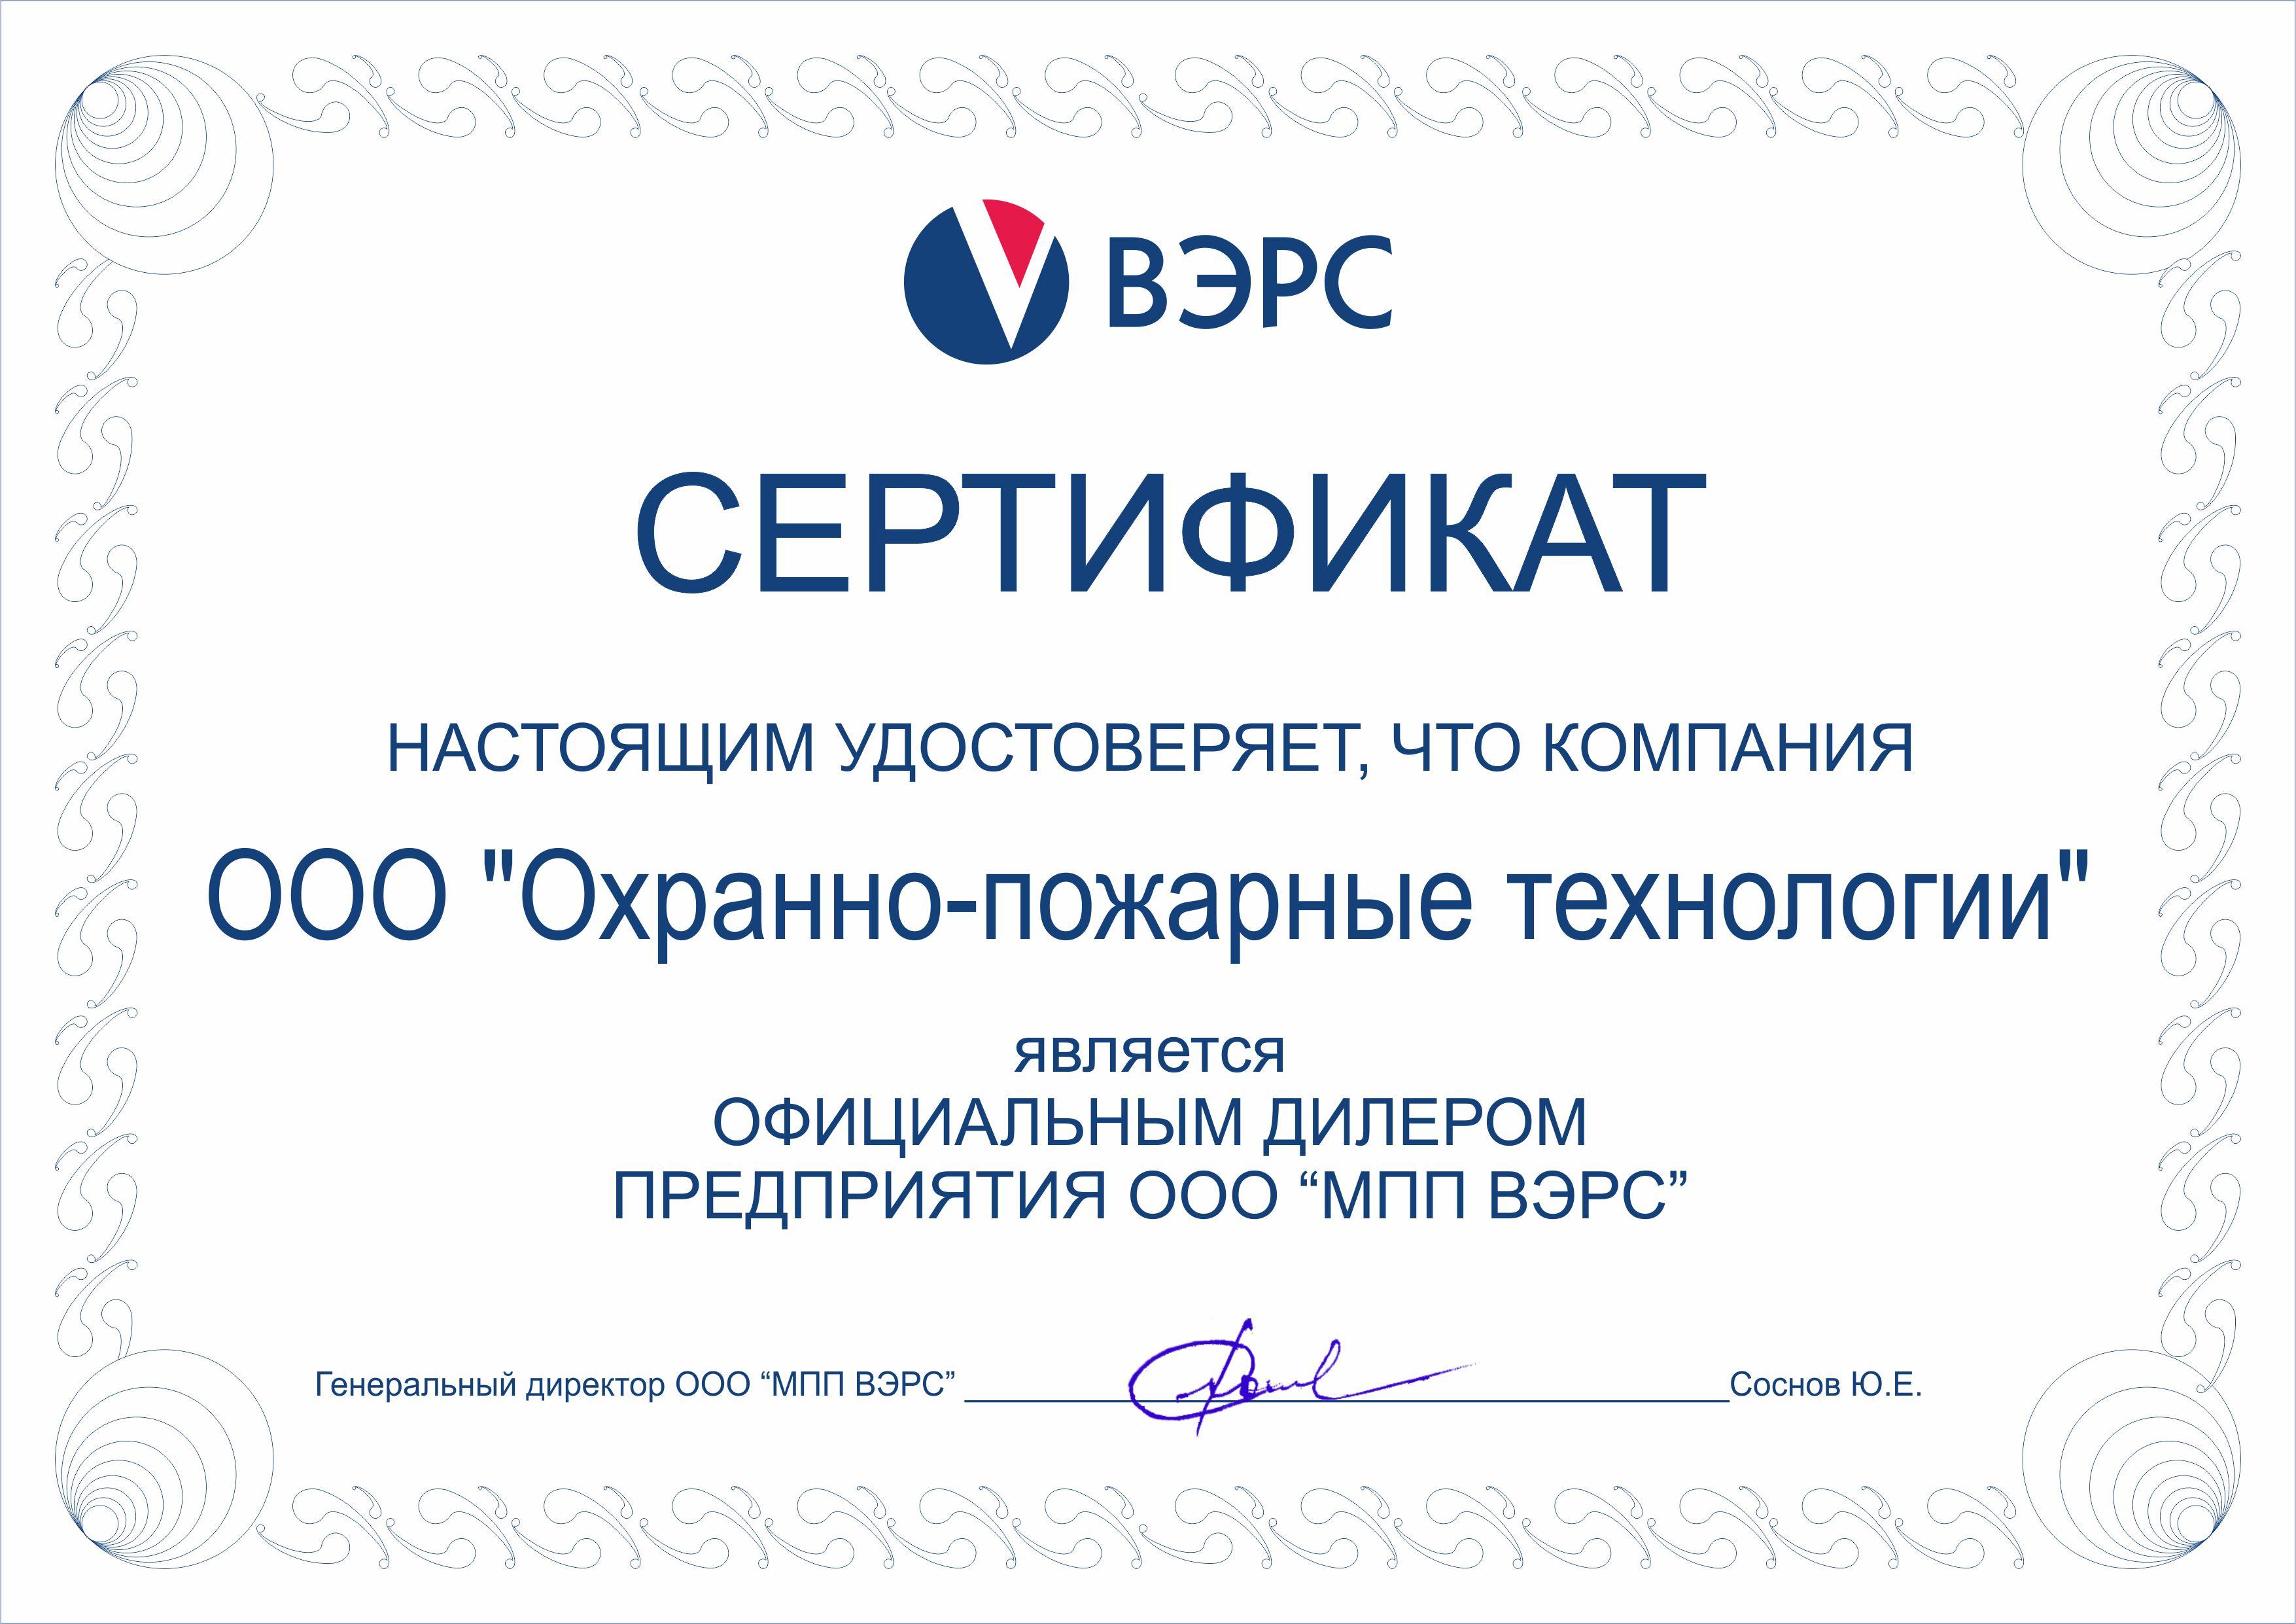 ВЭРС сертификат